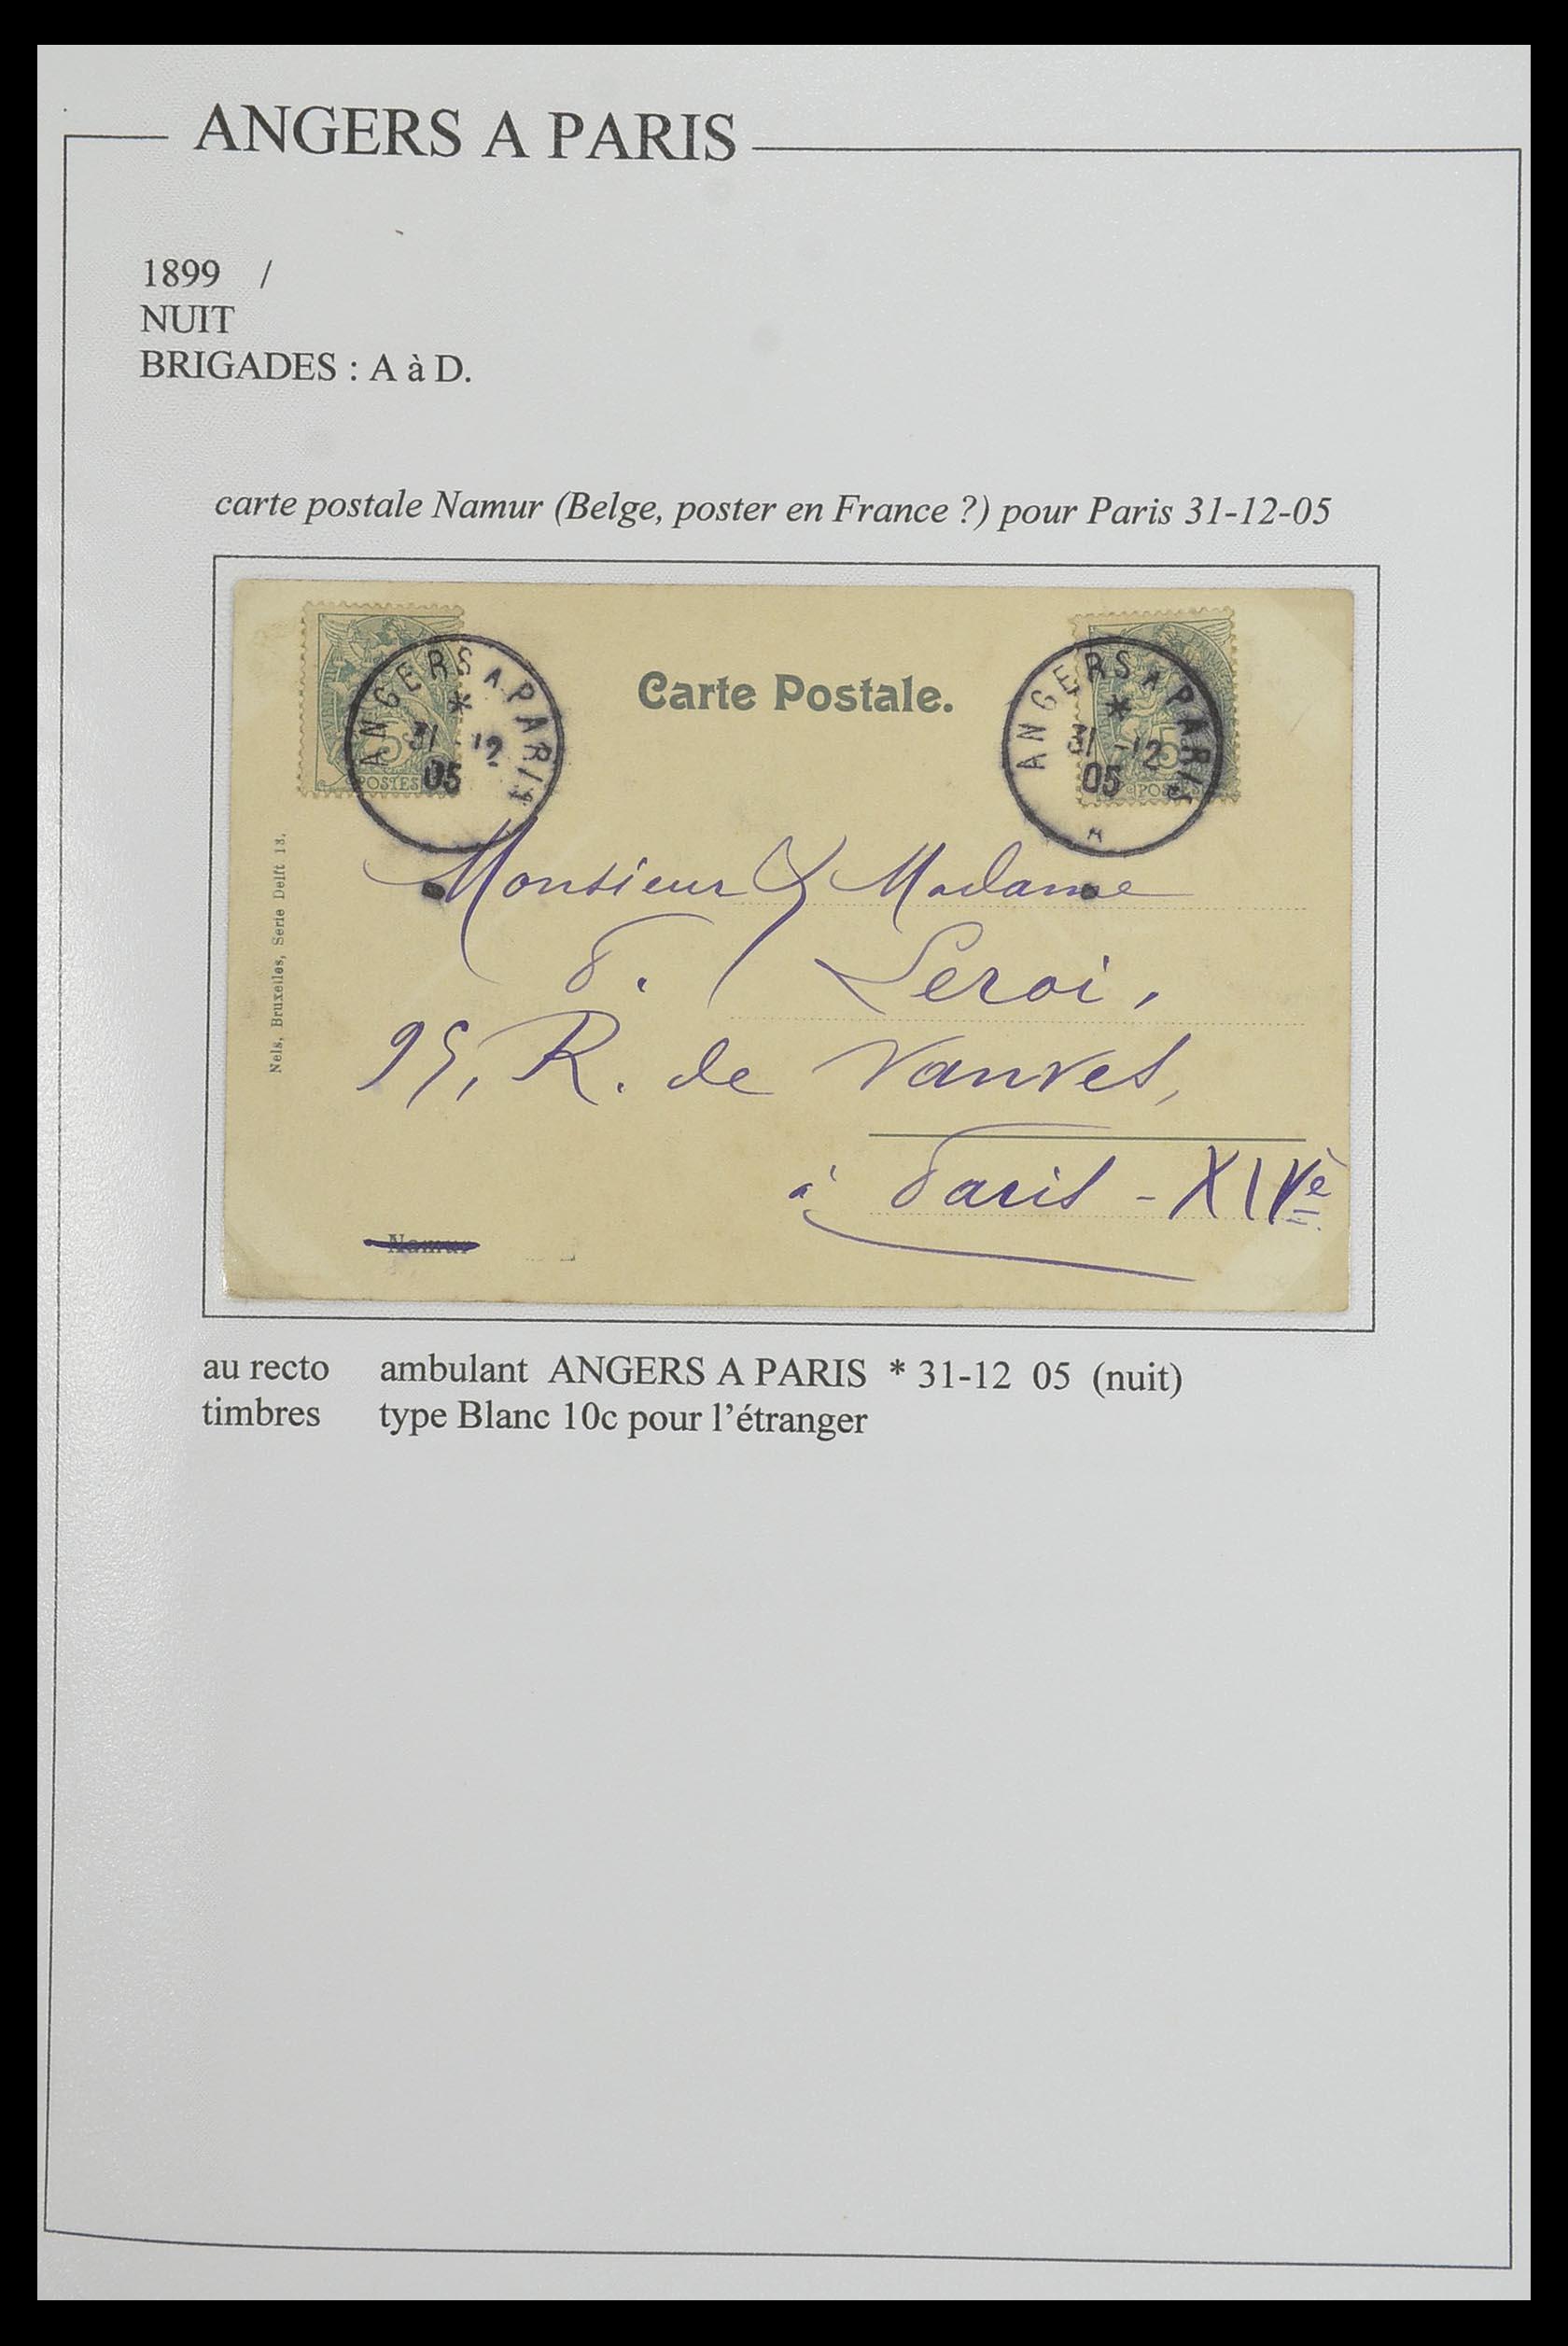 33624 020 - Postzegelverzameling 33624 Frankrijk brieven 1854-1907.